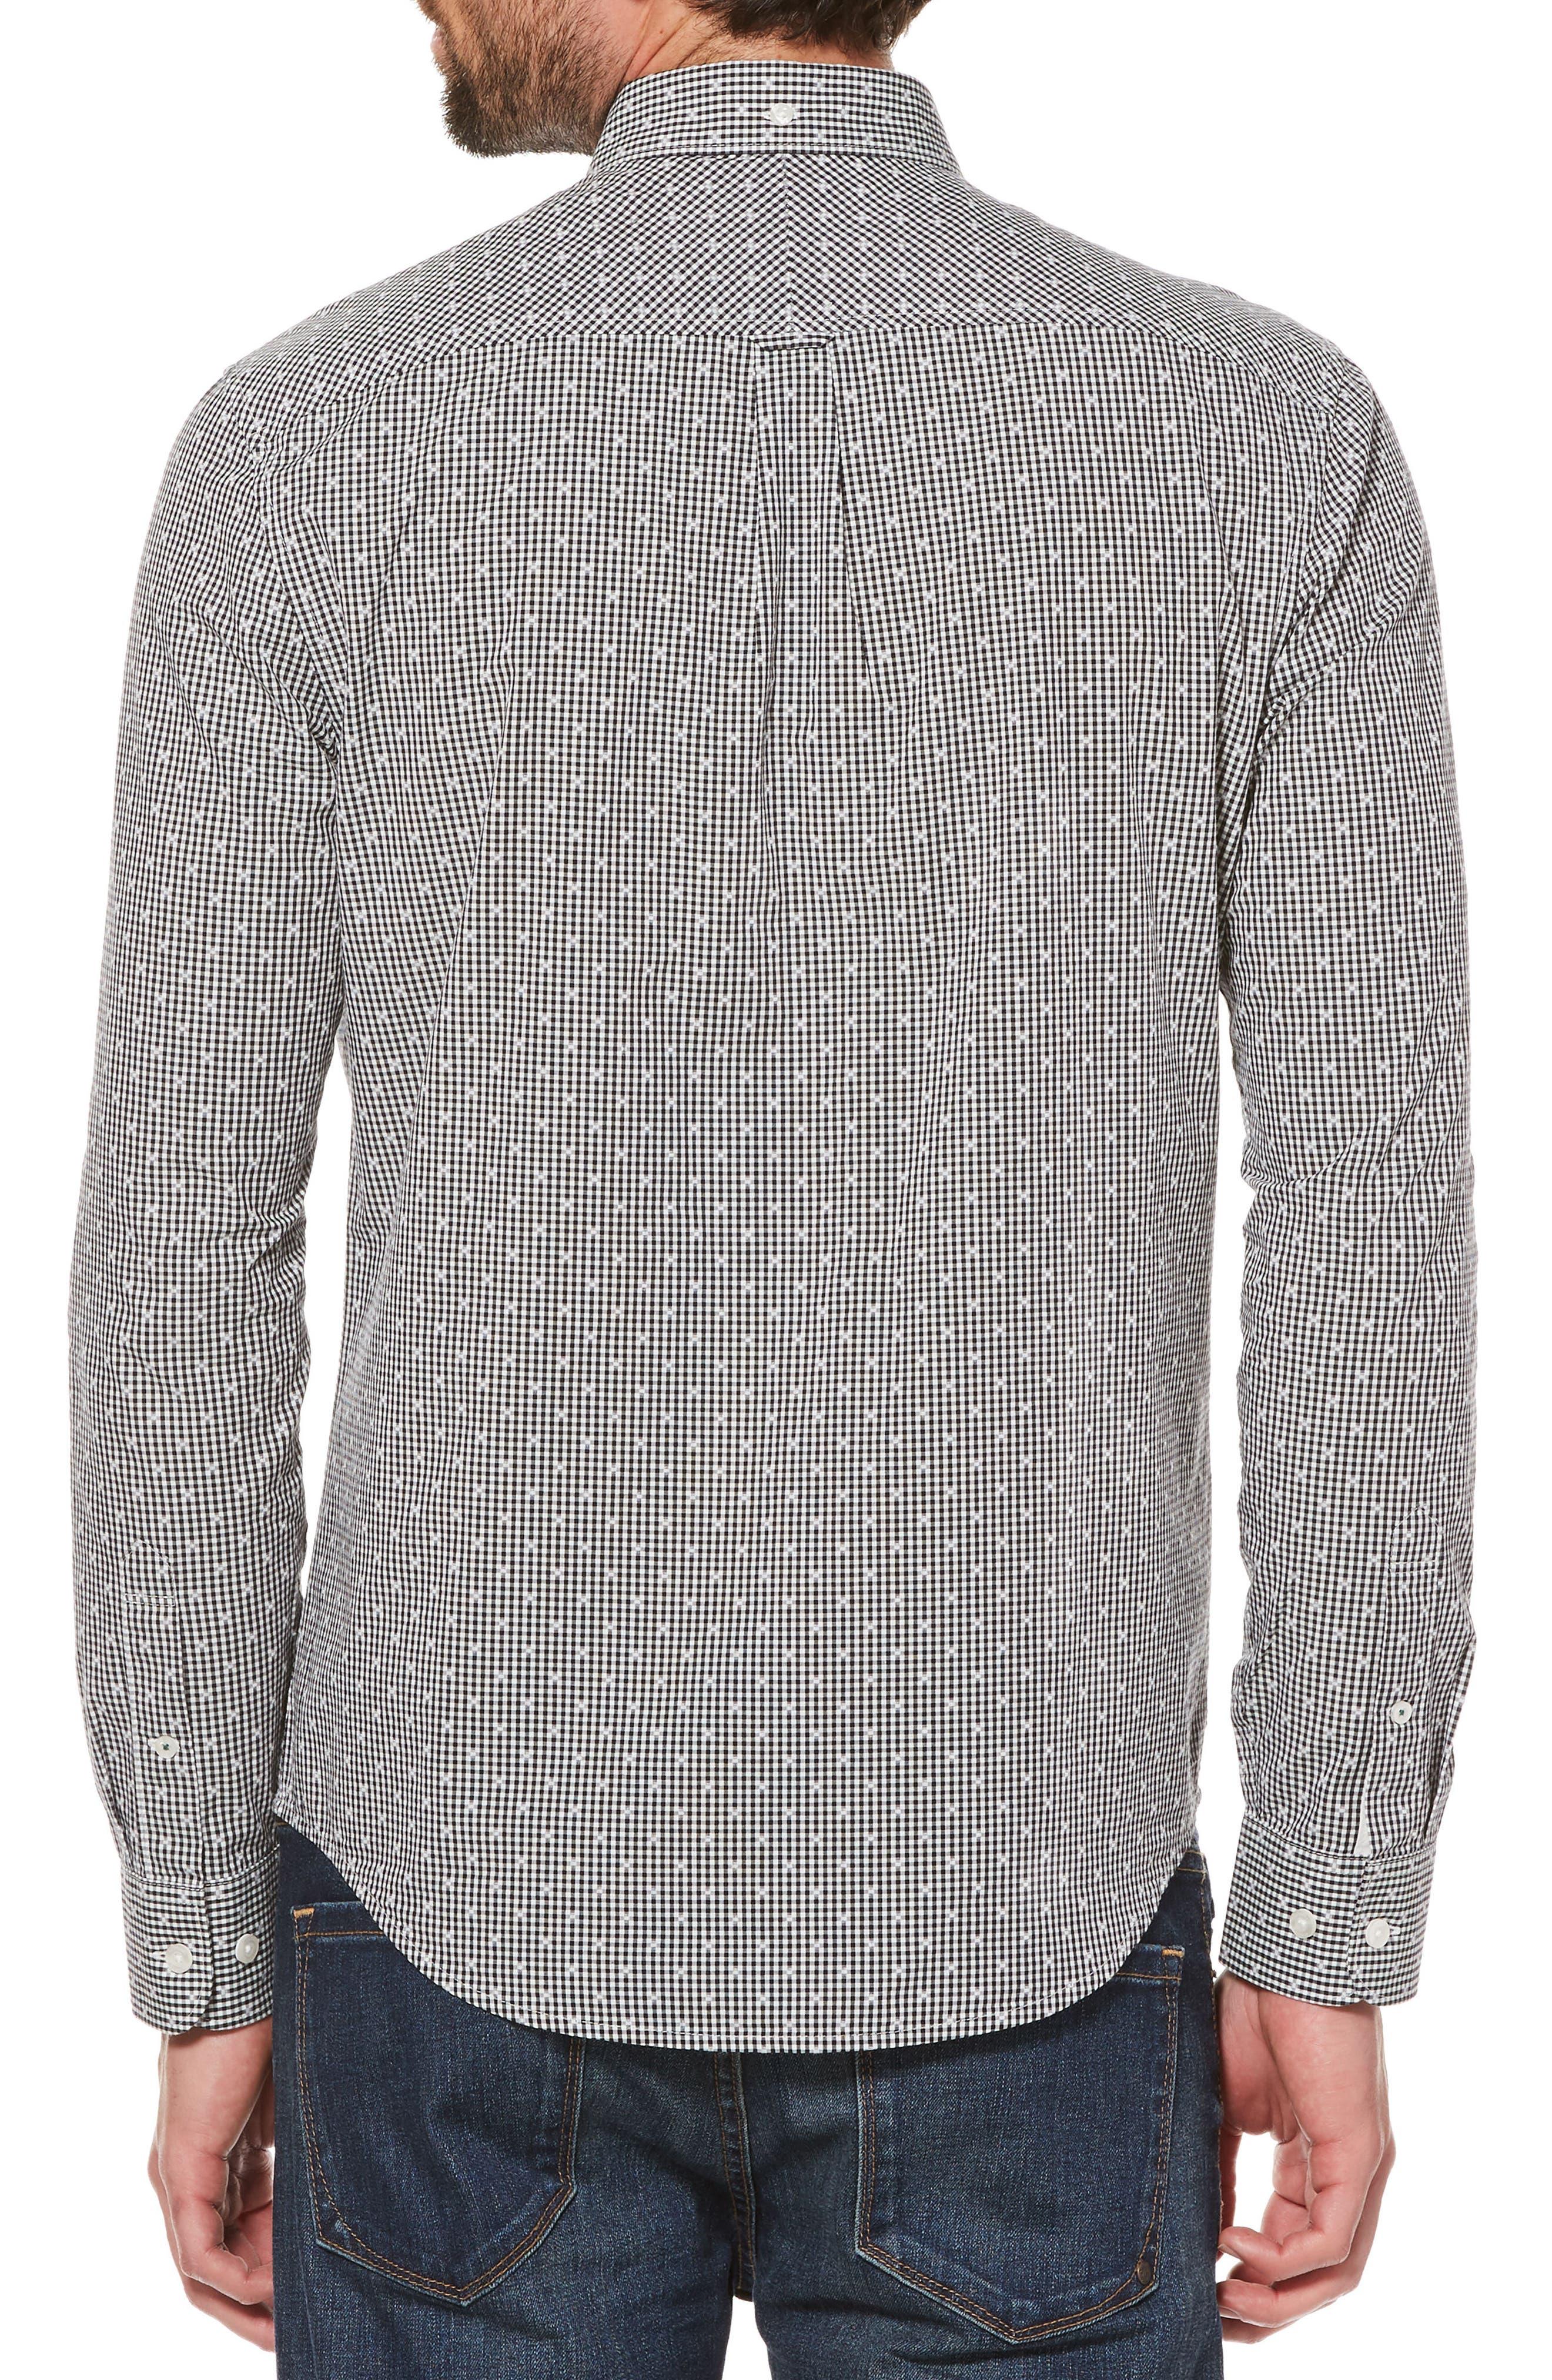 ORIGINAL PENGUIN,                             Dobby Gingham Sport Shirt,                             Alternate thumbnail 2, color,                             010